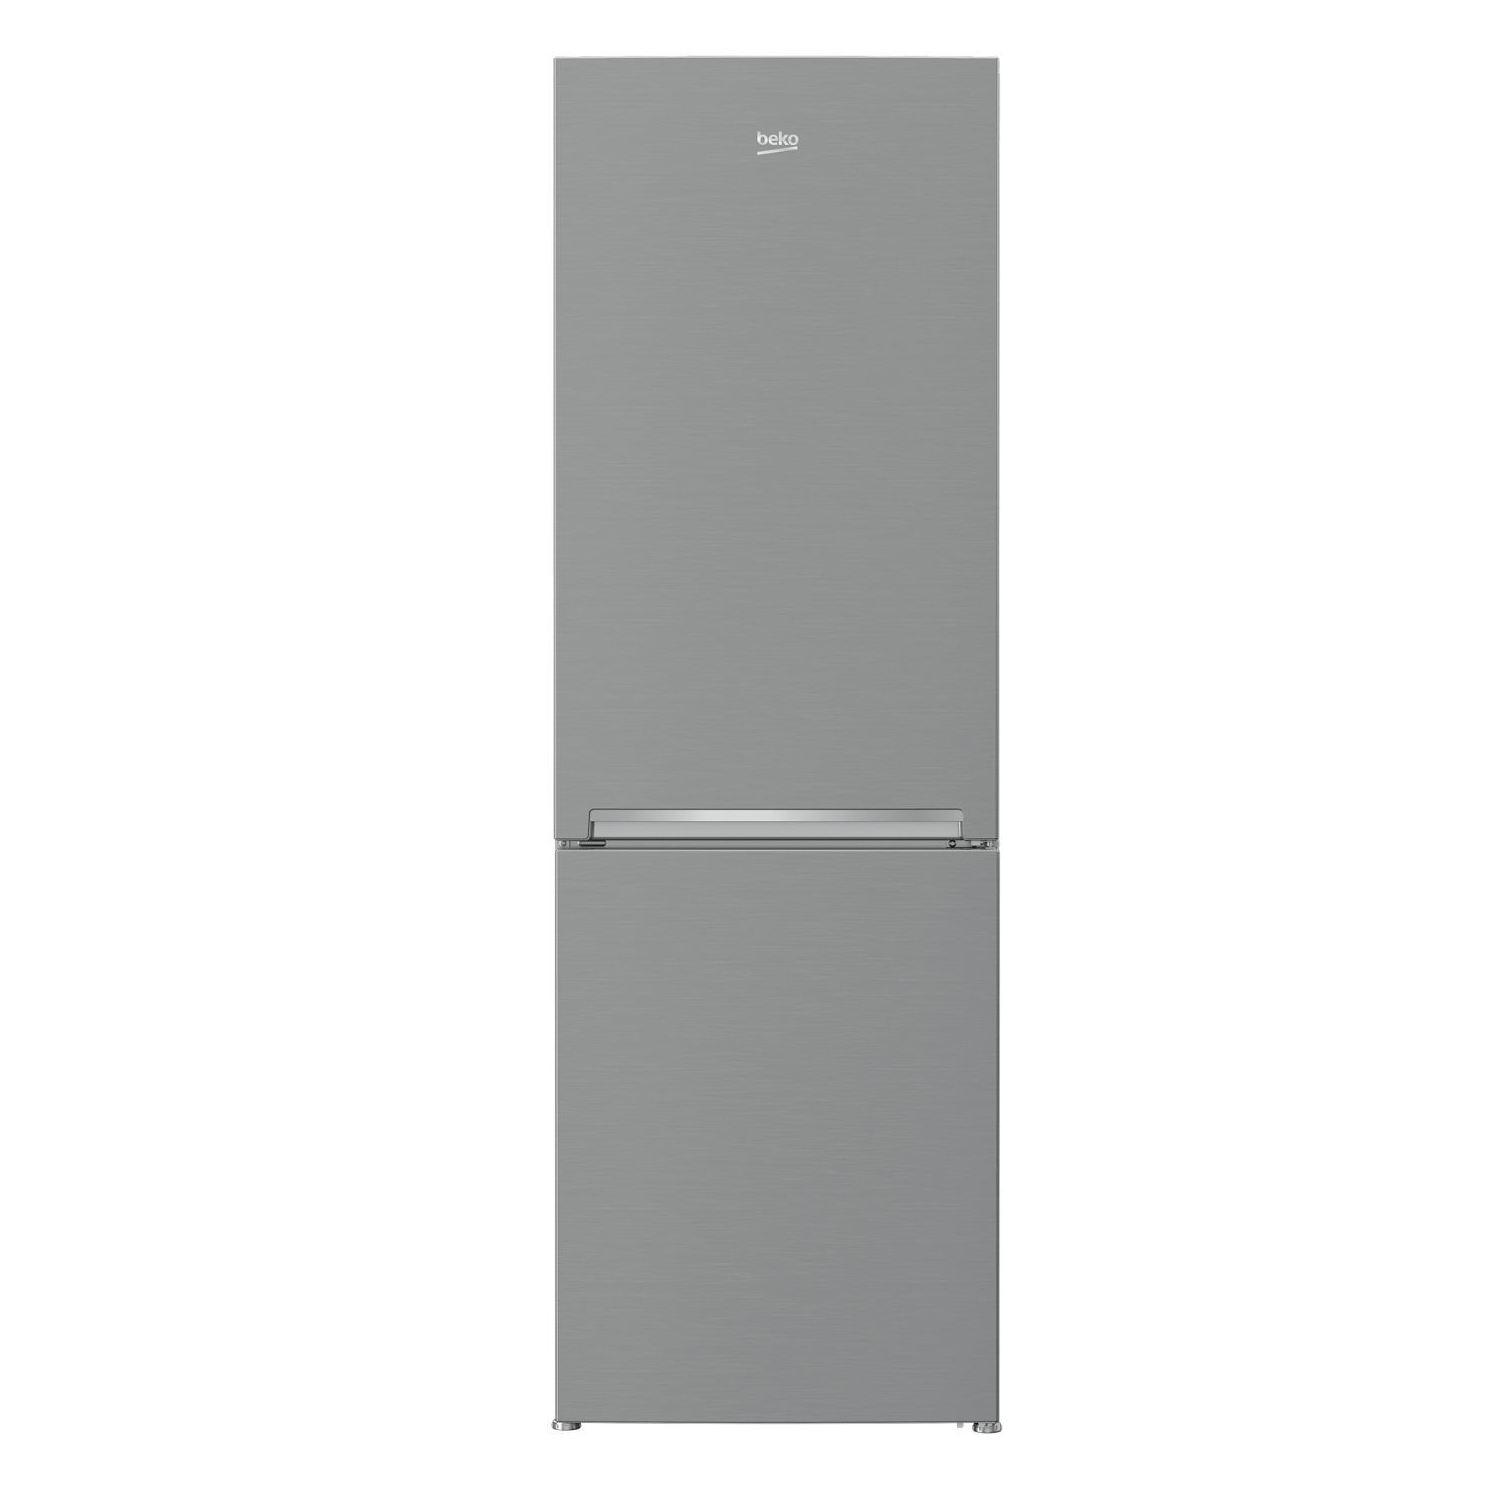 COMBI BEKO RCNA320K20PT 185X60 TITANIO A+ ---359€: Productos y Ofertas de Don Electrodomésticos Tienda online